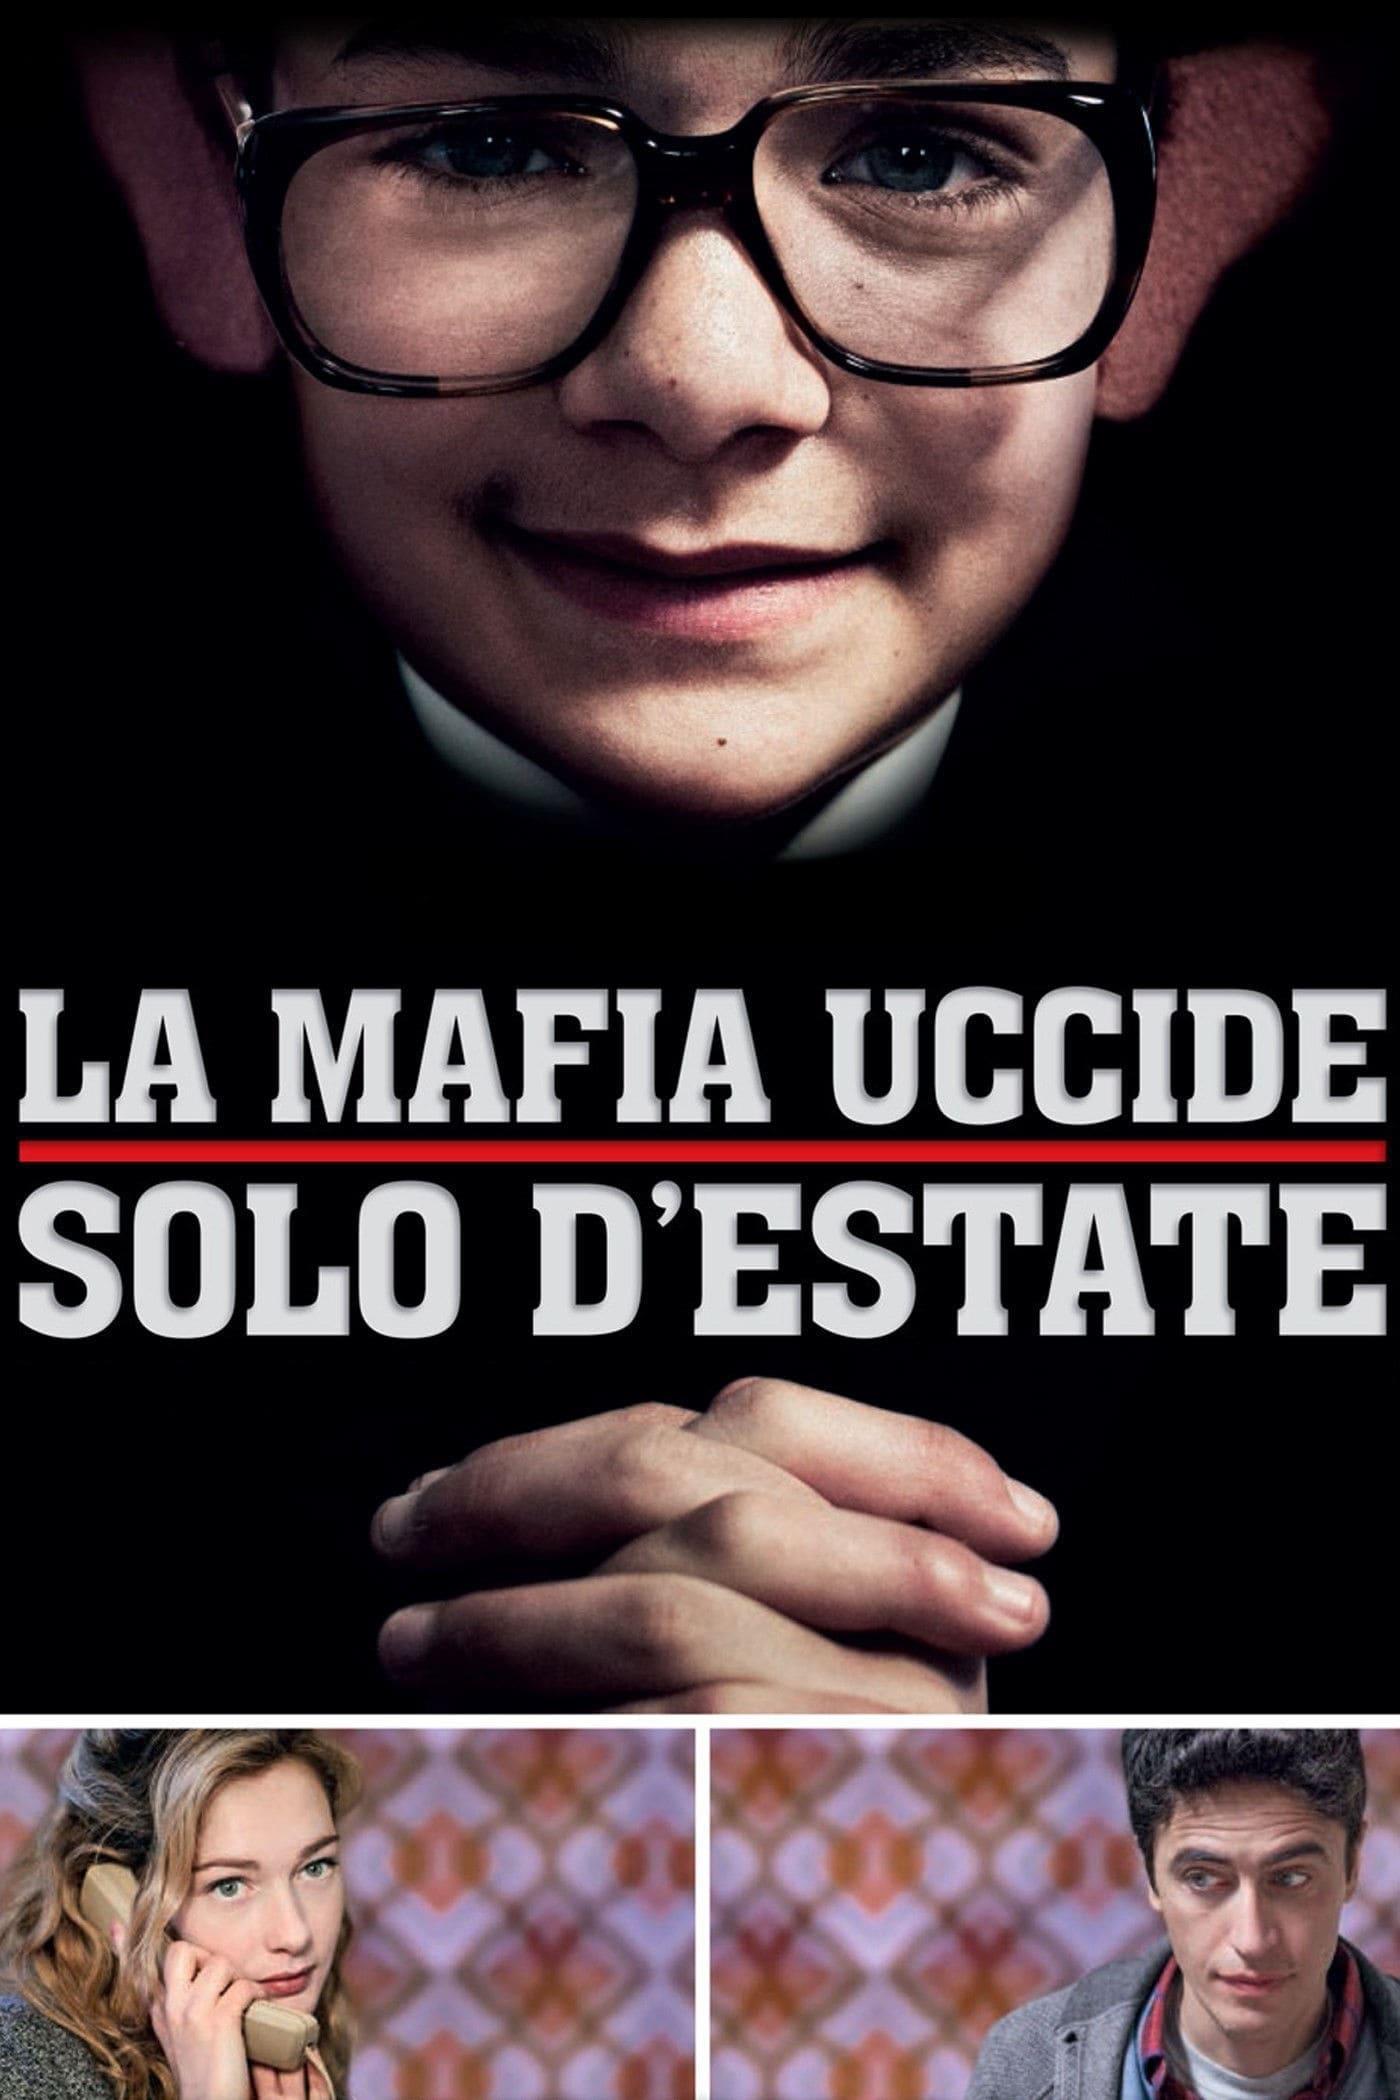 La mafia solo mata en verano poster